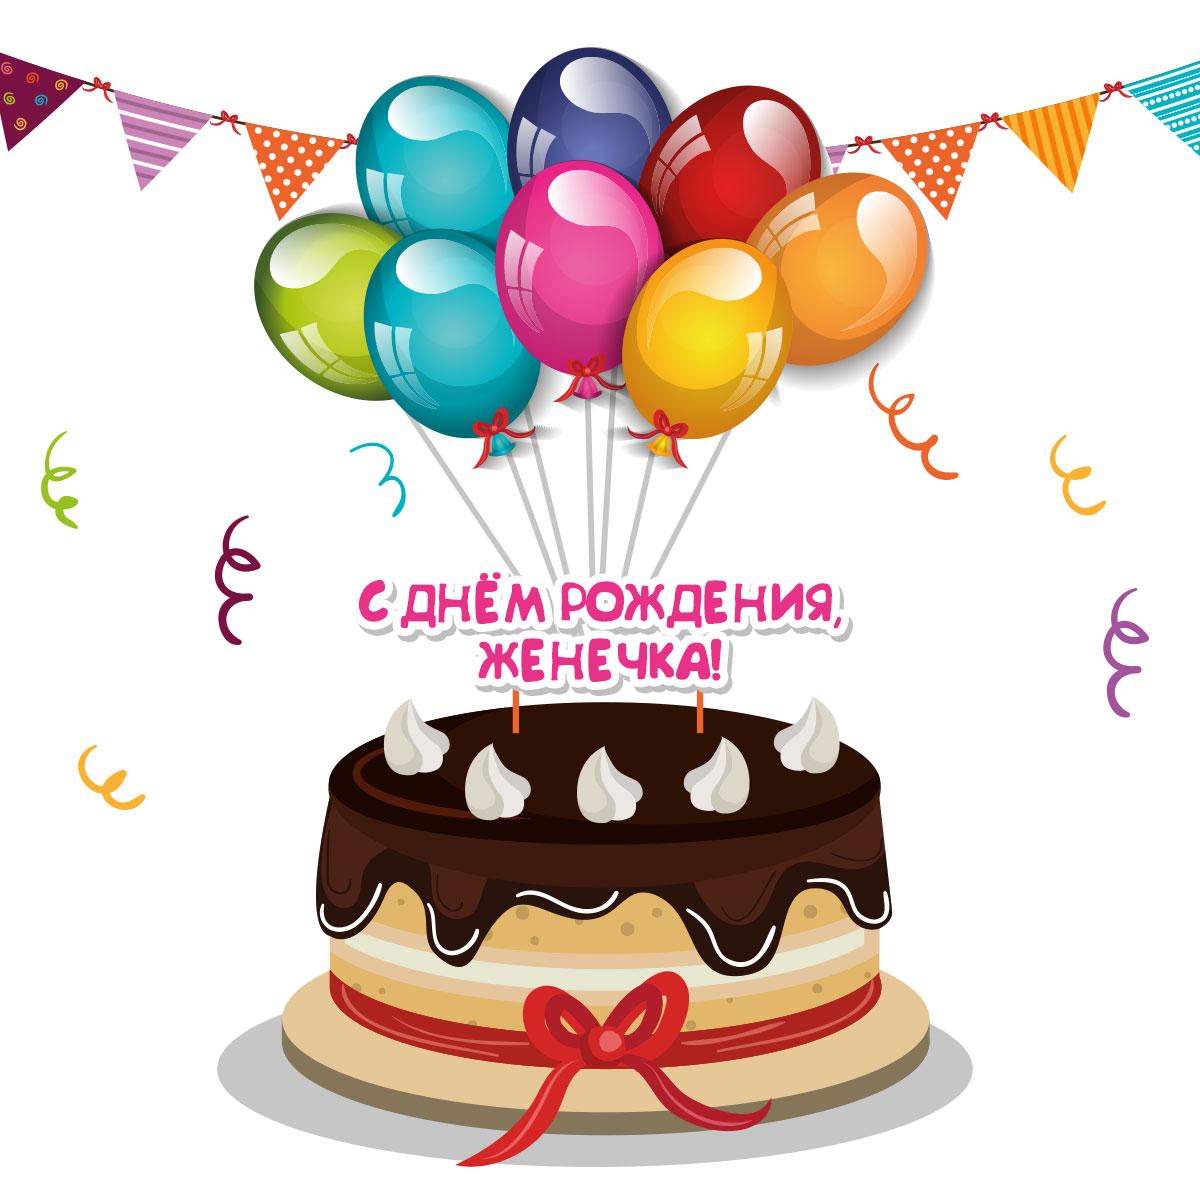 Торт с цветными воздушными шарами и надпись с днем рождения Женечка!